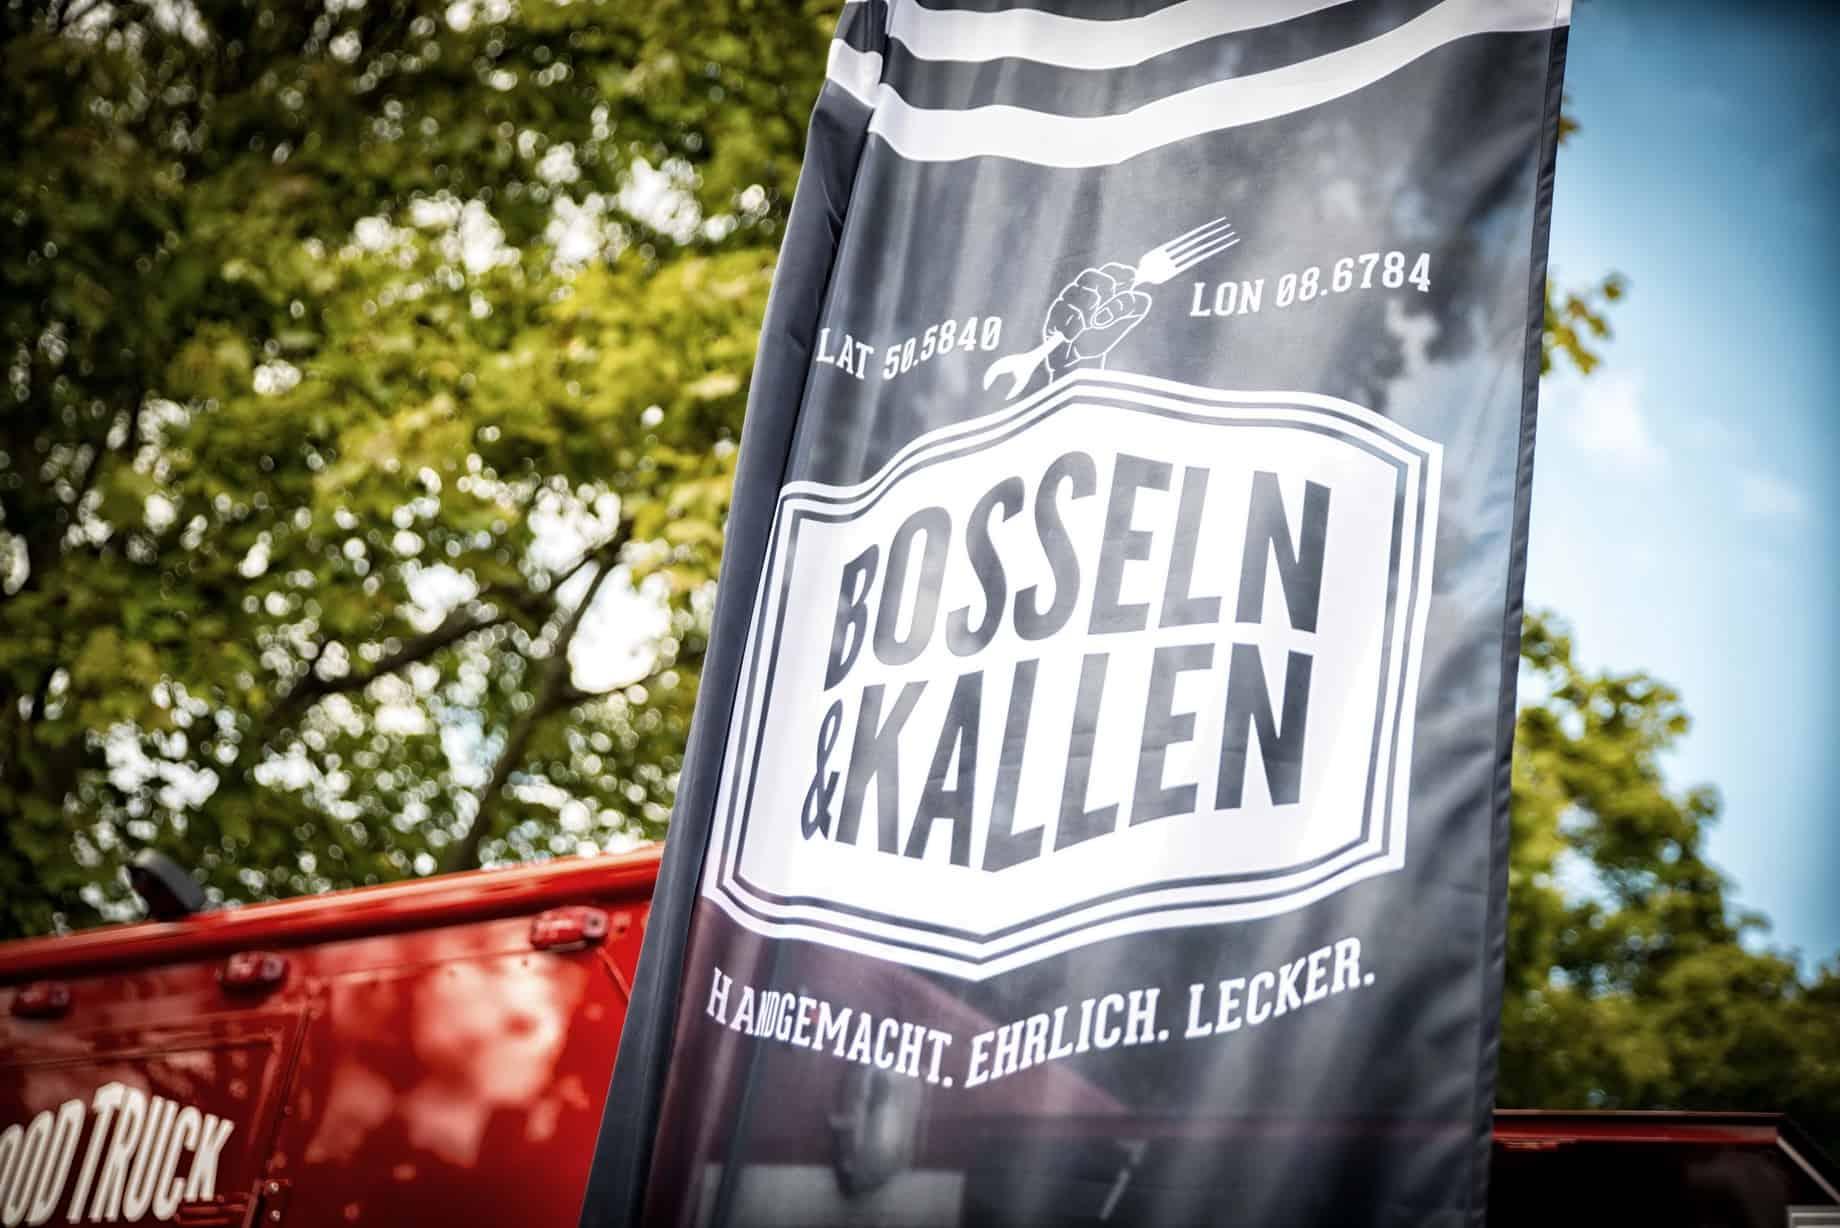 Bosseln und Kallen Foodtruck (3)